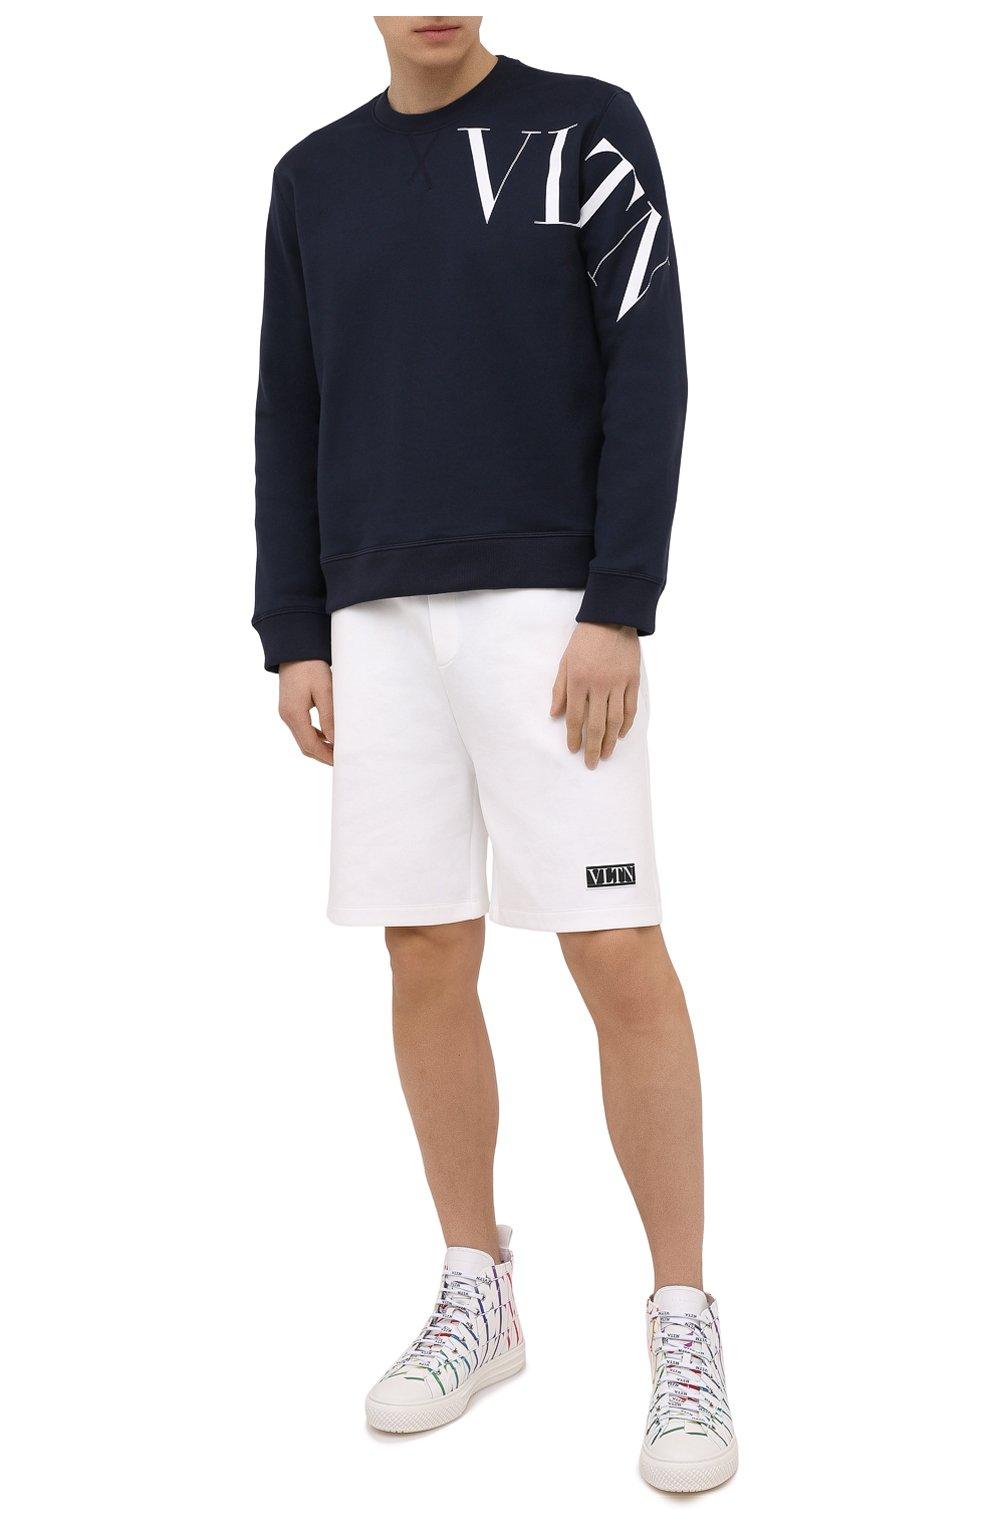 Мужской хлопковый свитшот VALENTINO темно-синего цвета, арт. VV3MF10G745 | Фото 2 (Рукава: Длинные; Длина (для топов): Стандартные; Принт: С принтом; Мужское Кросс-КТ: свитшот-одежда; Материал внешний: Хлопок; Стили: Кэжуэл)